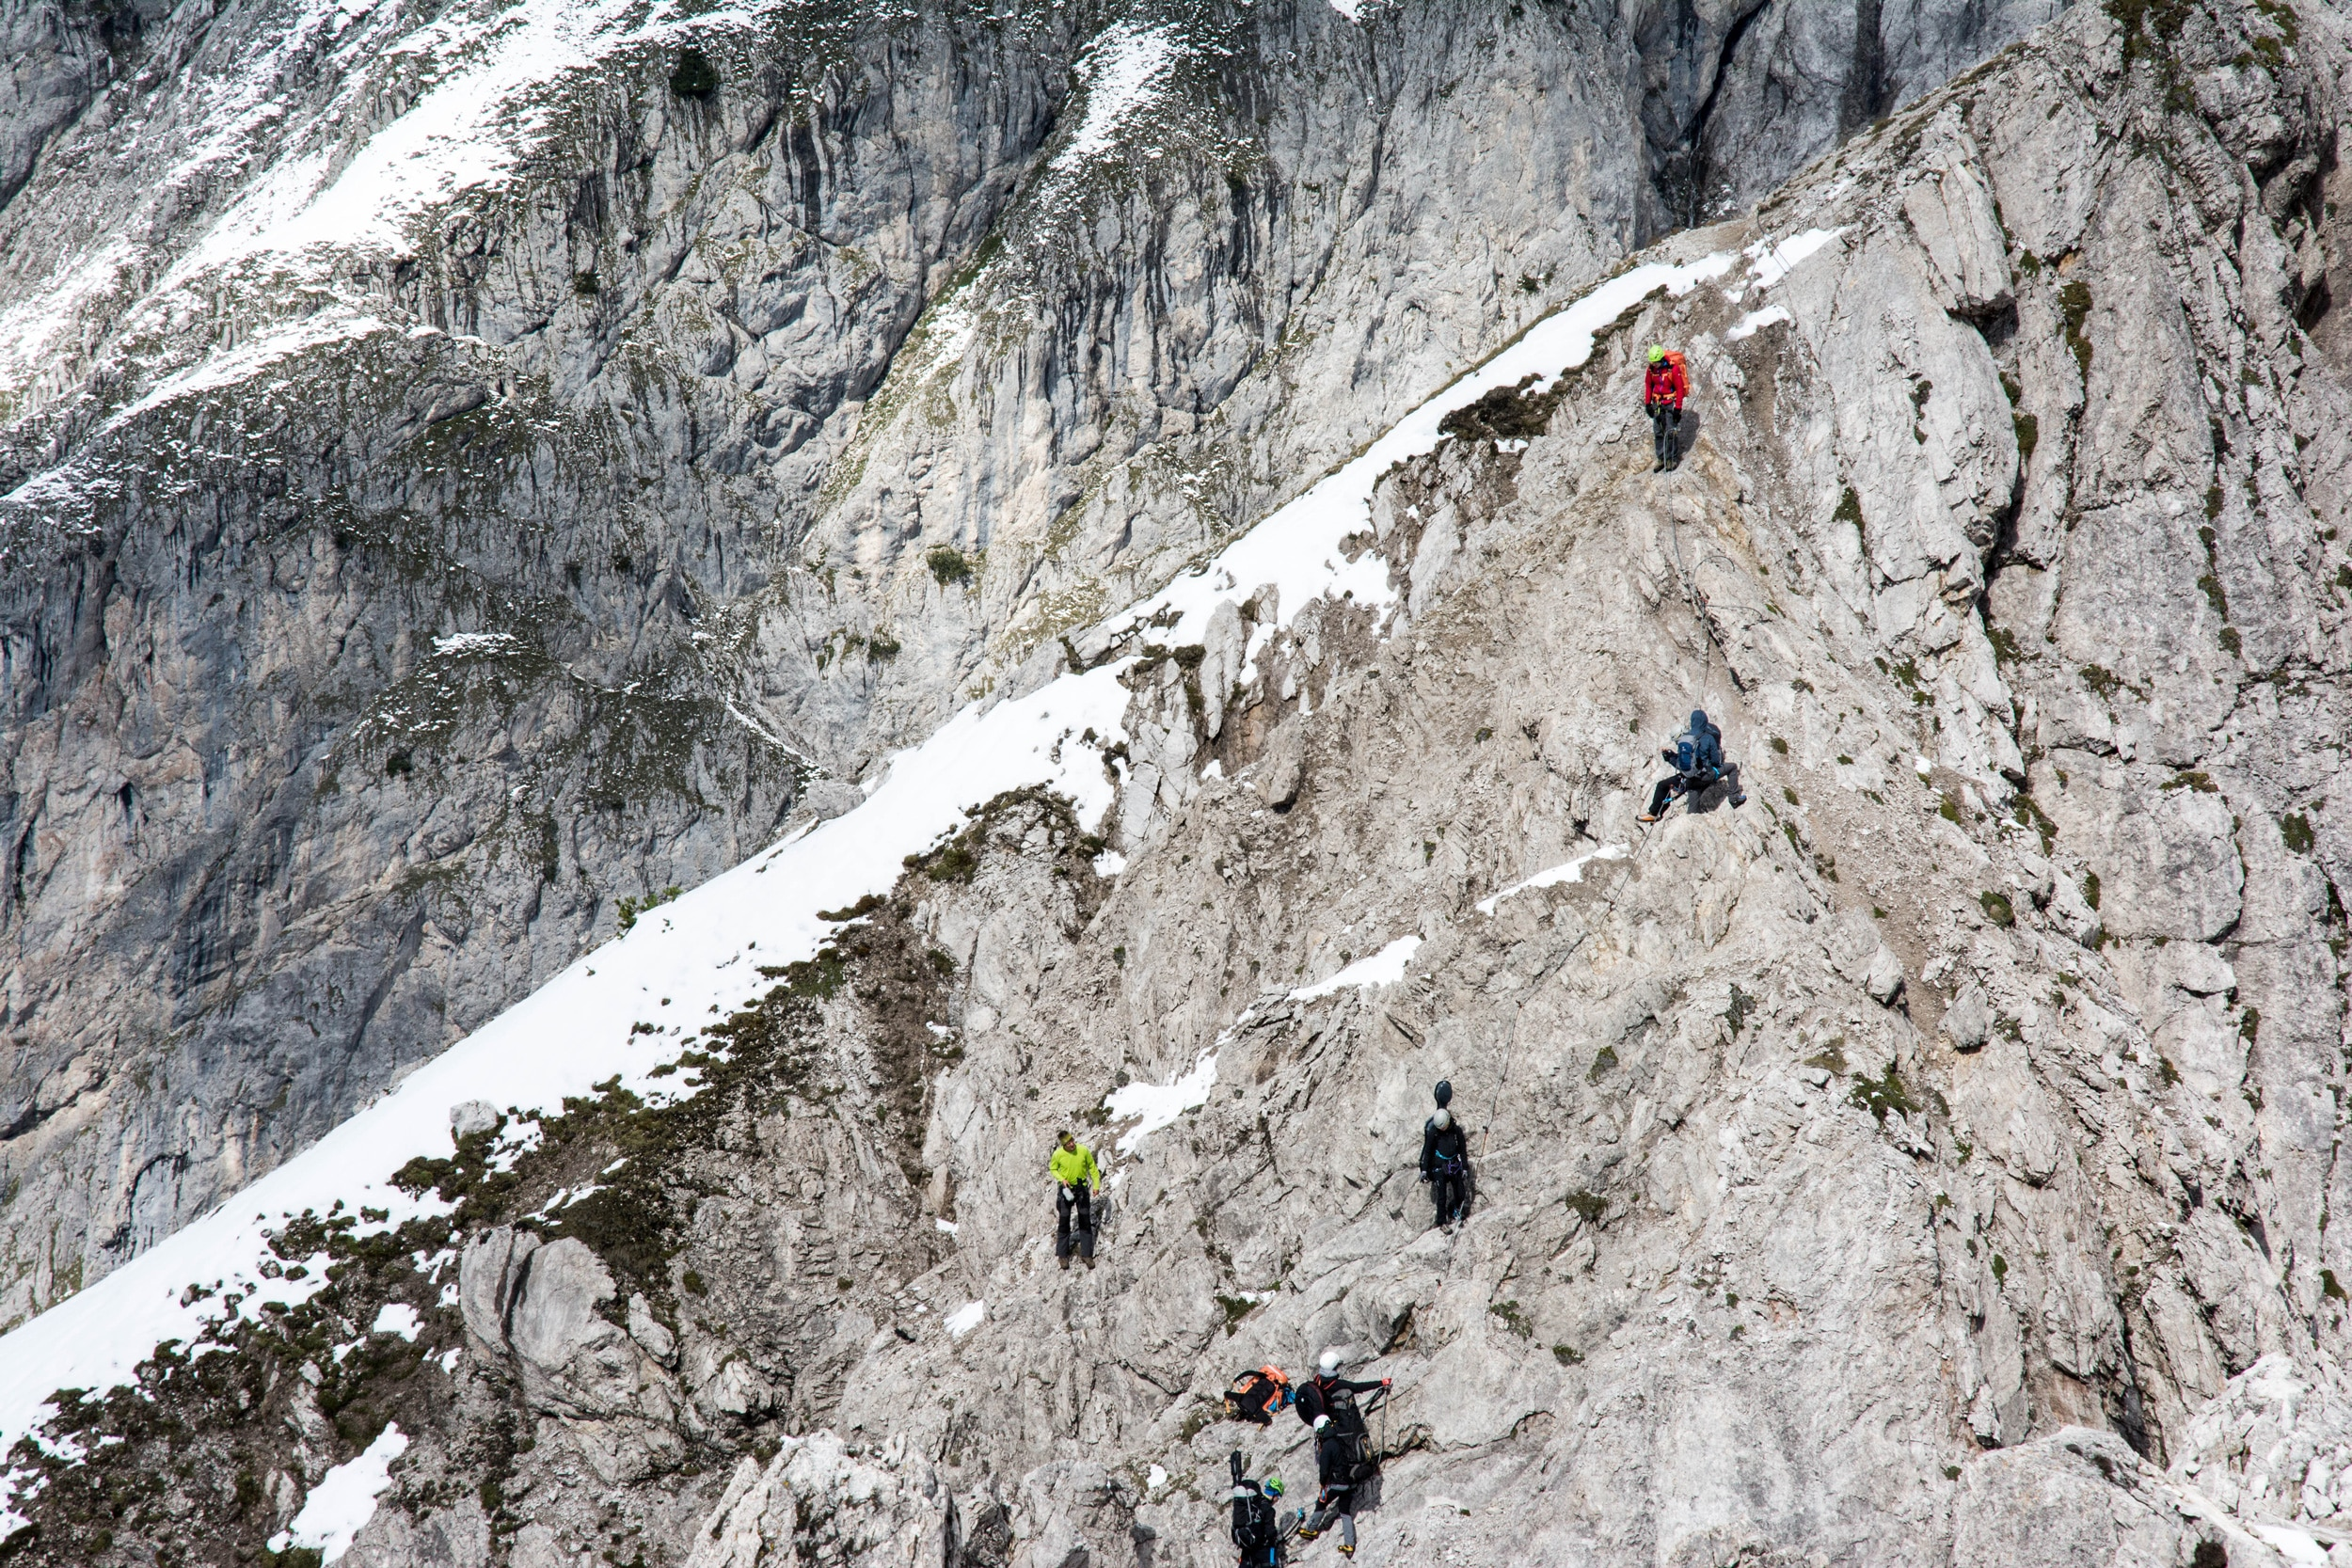 Klettersteig Wankspitze : Parasol peaku c u manu delagos musik vom klettersteig bergwelten